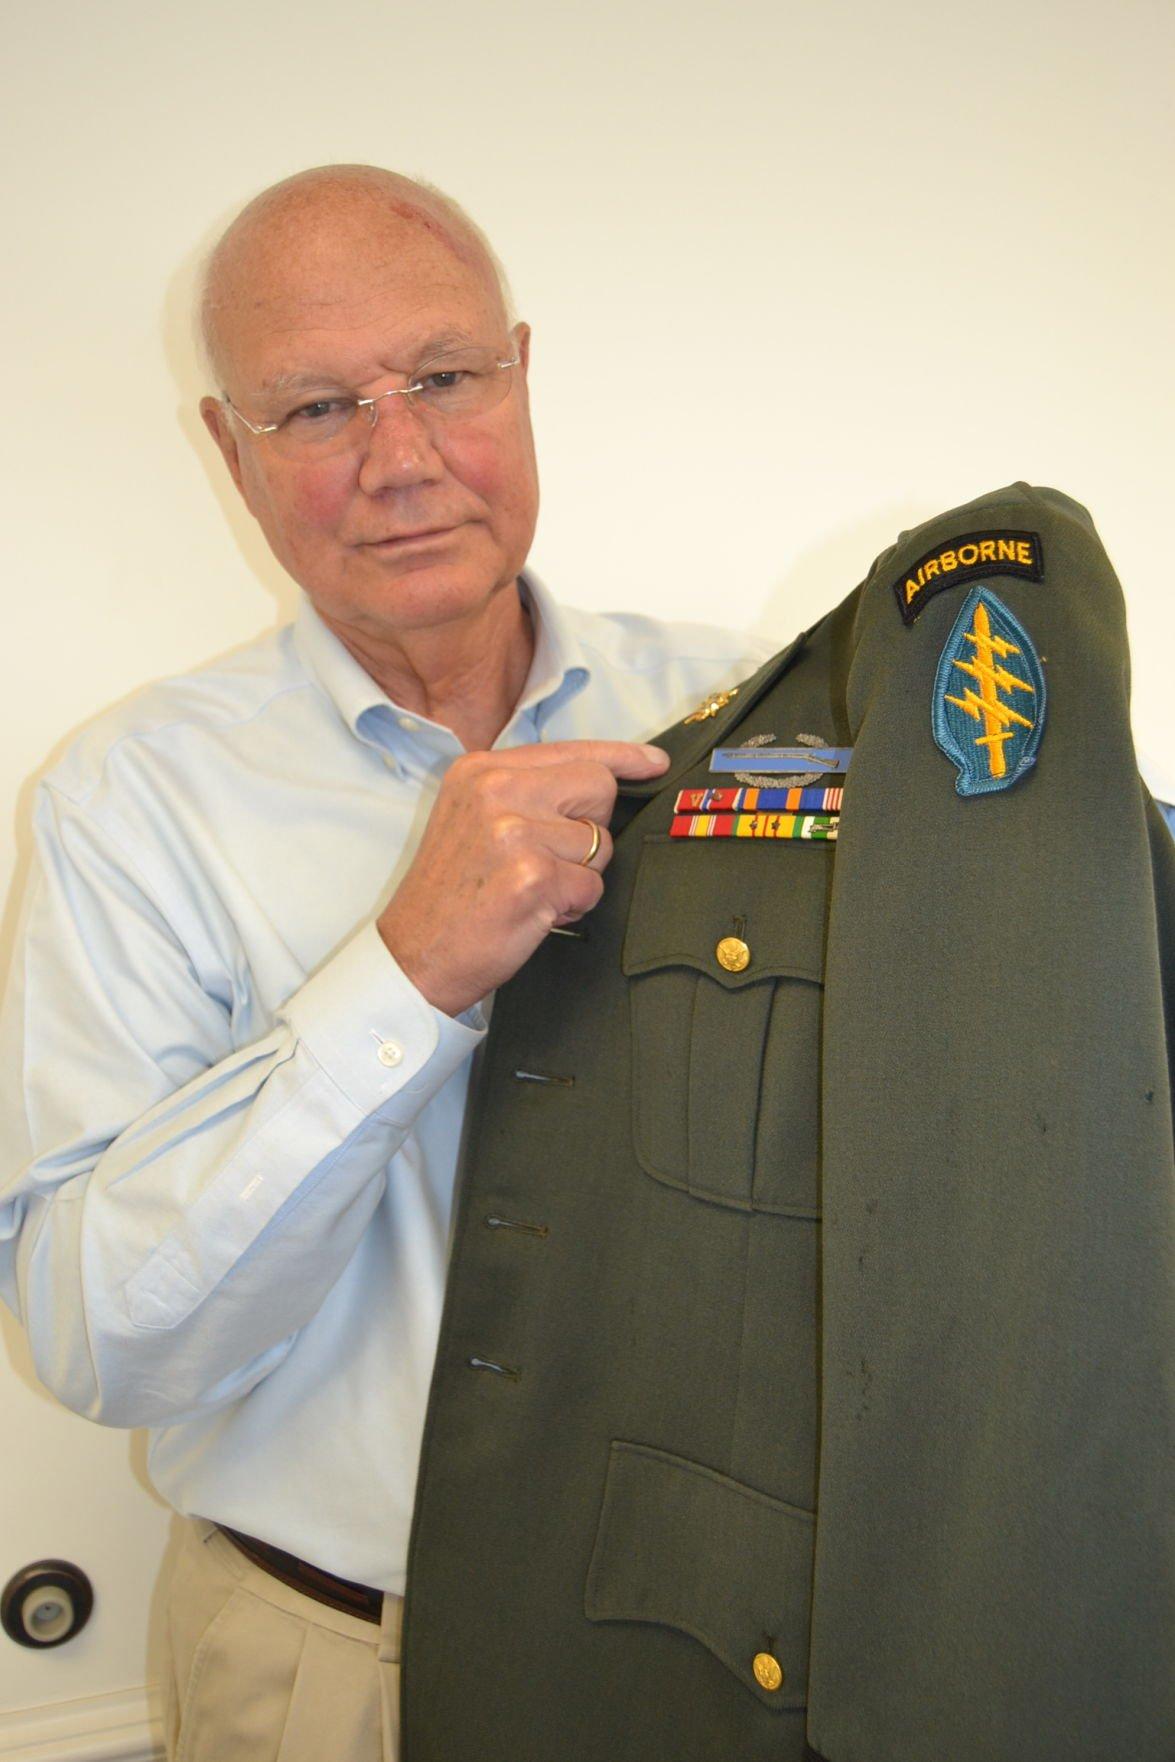 McFarland and jacket